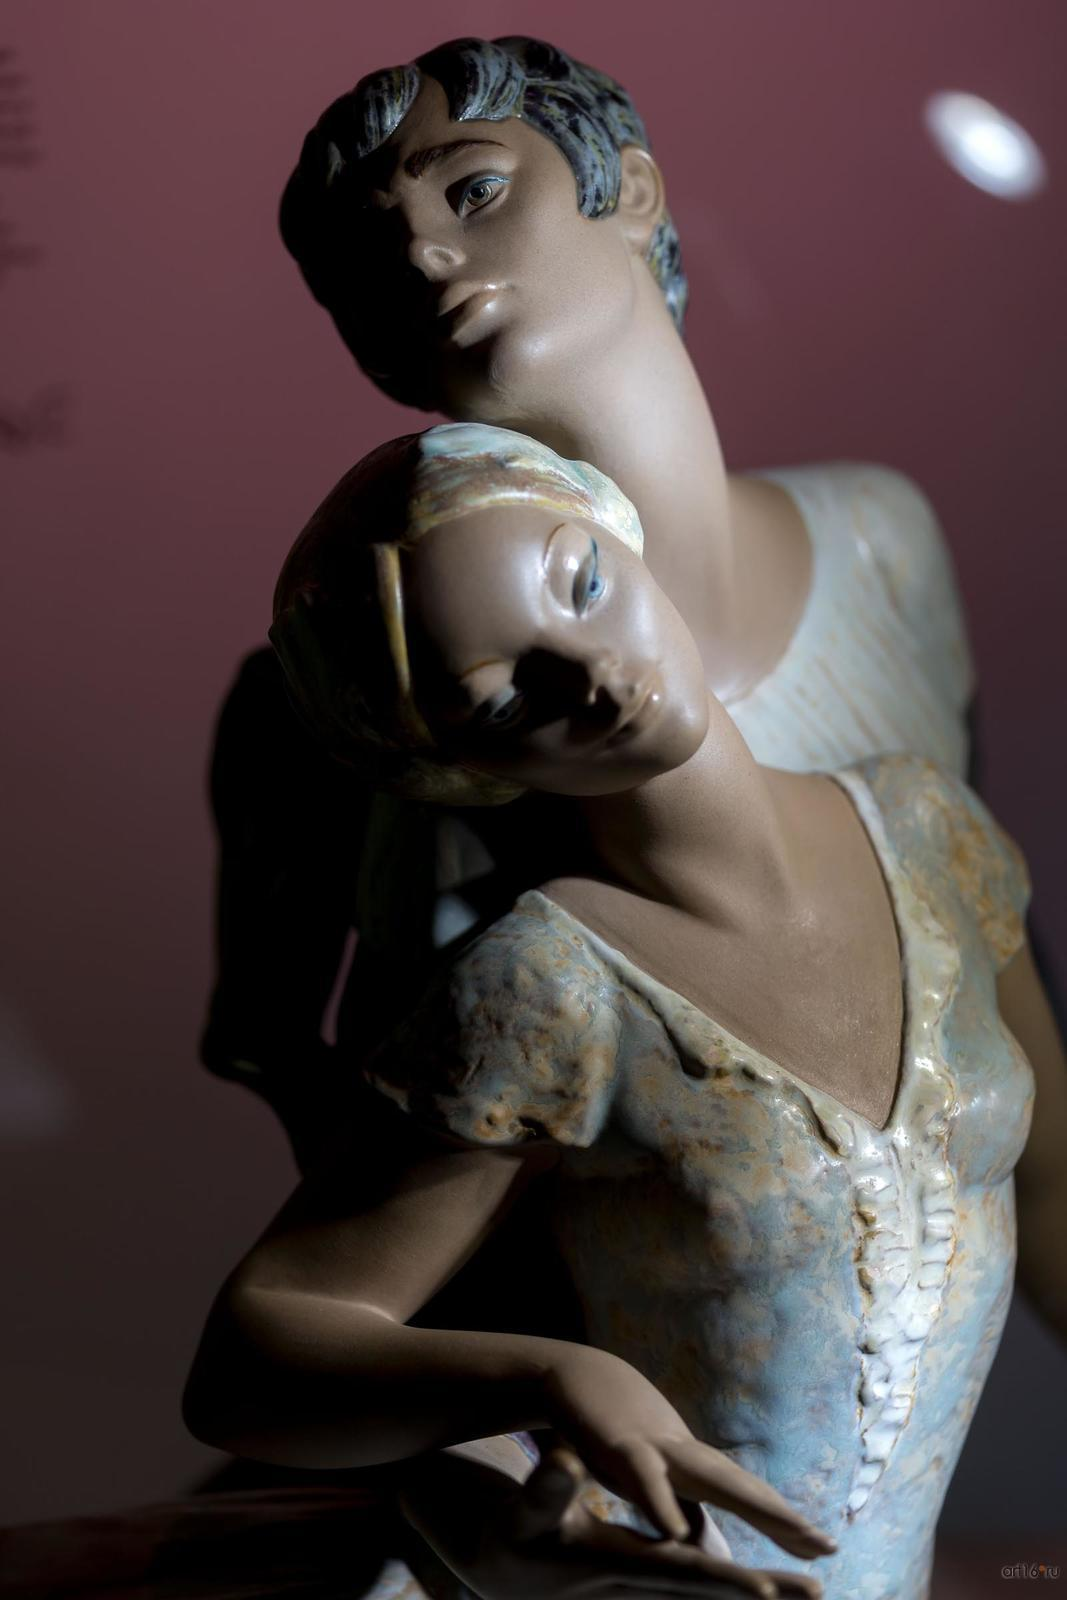 Фото №865655. Страстный танец. Скульптор Хуан Уэрта. 1973-1986 (фрагмент)